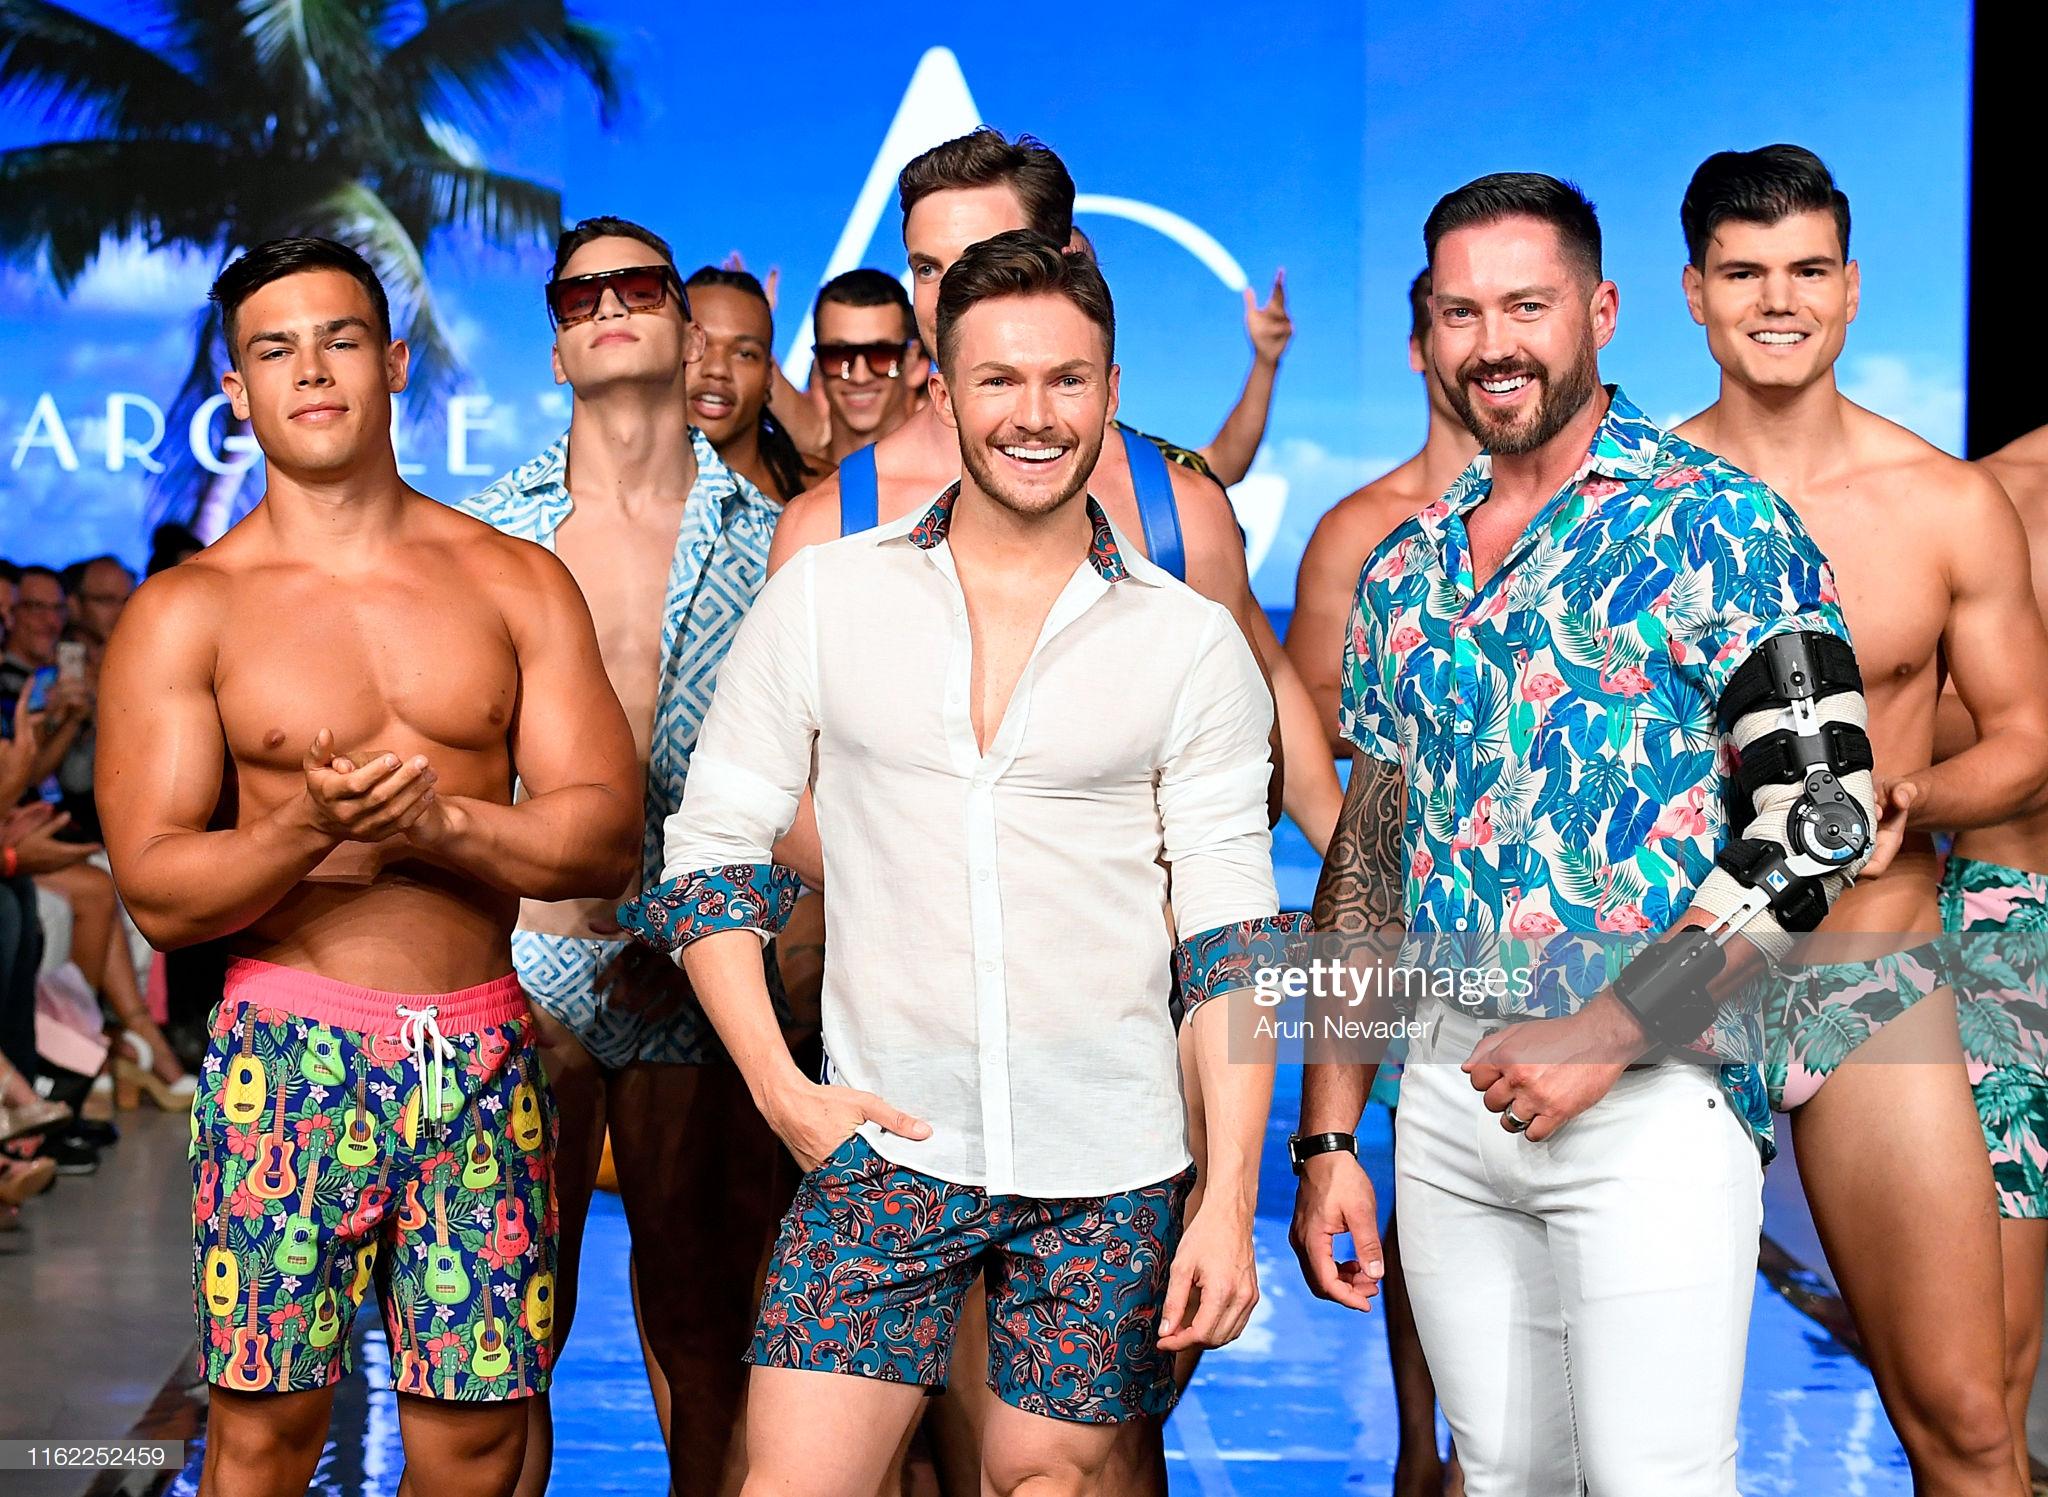 Miami Swim Week Resort 2020 - Fashionably Male